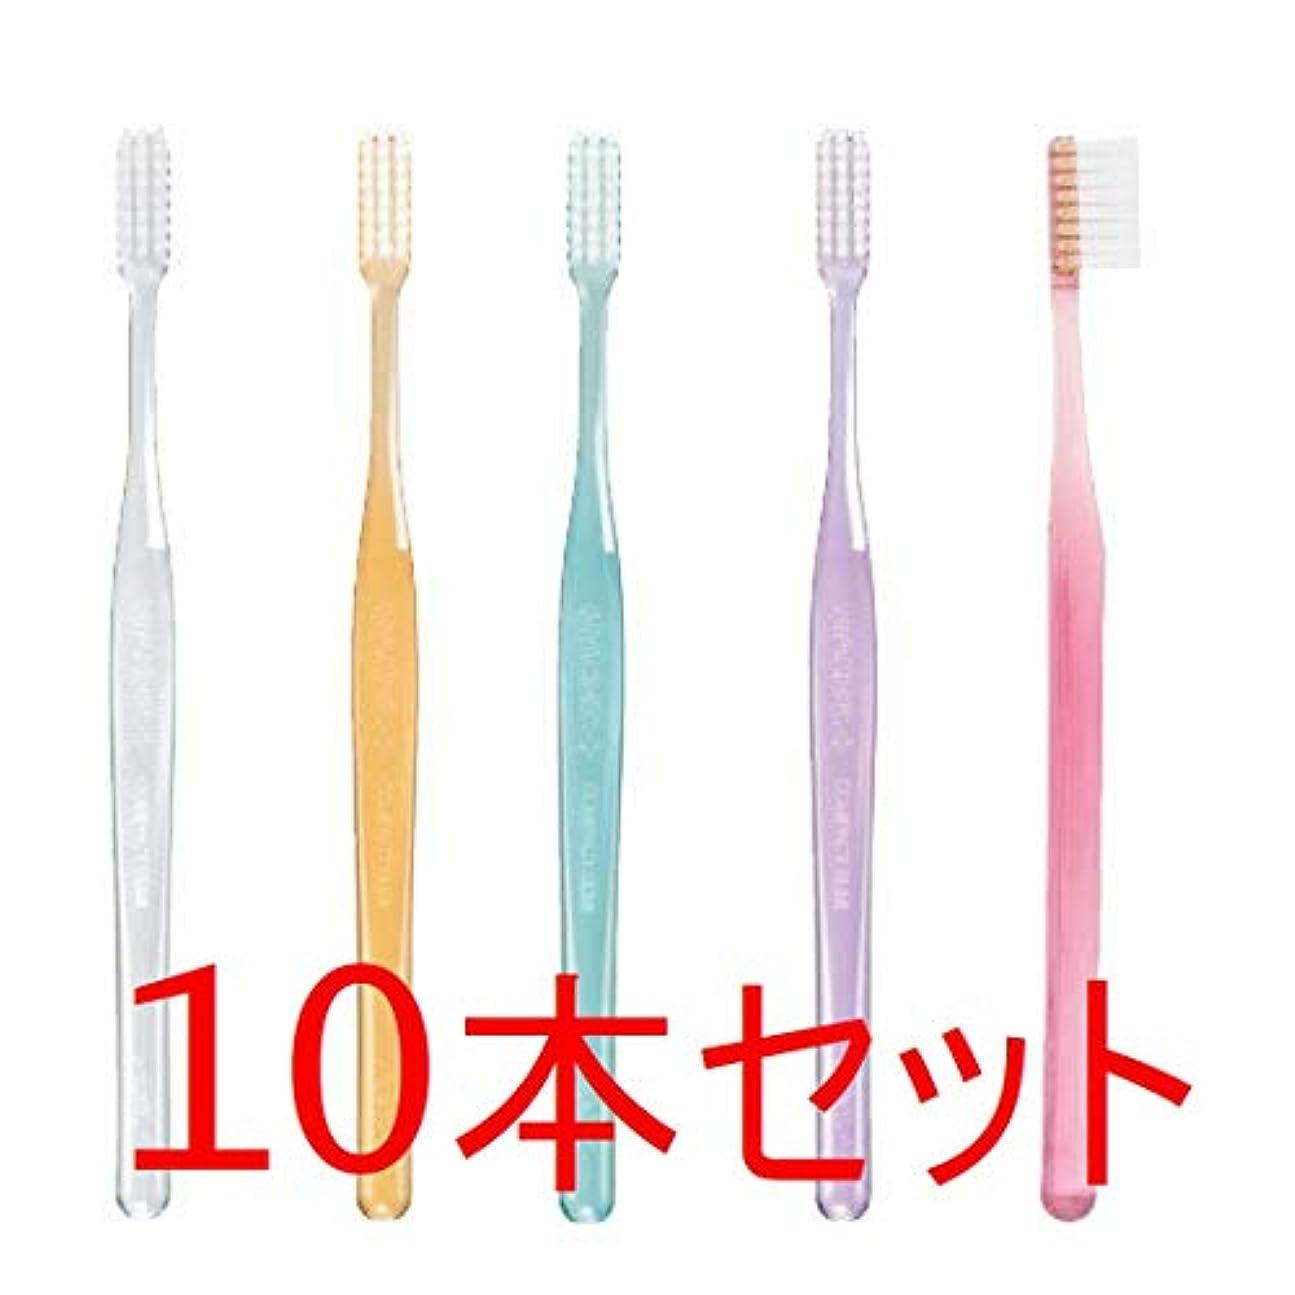 GC プロスペック 歯ブラシ プラス コンパクトスリム 10本 クリアー色 (M(ふつう), おまかせ)